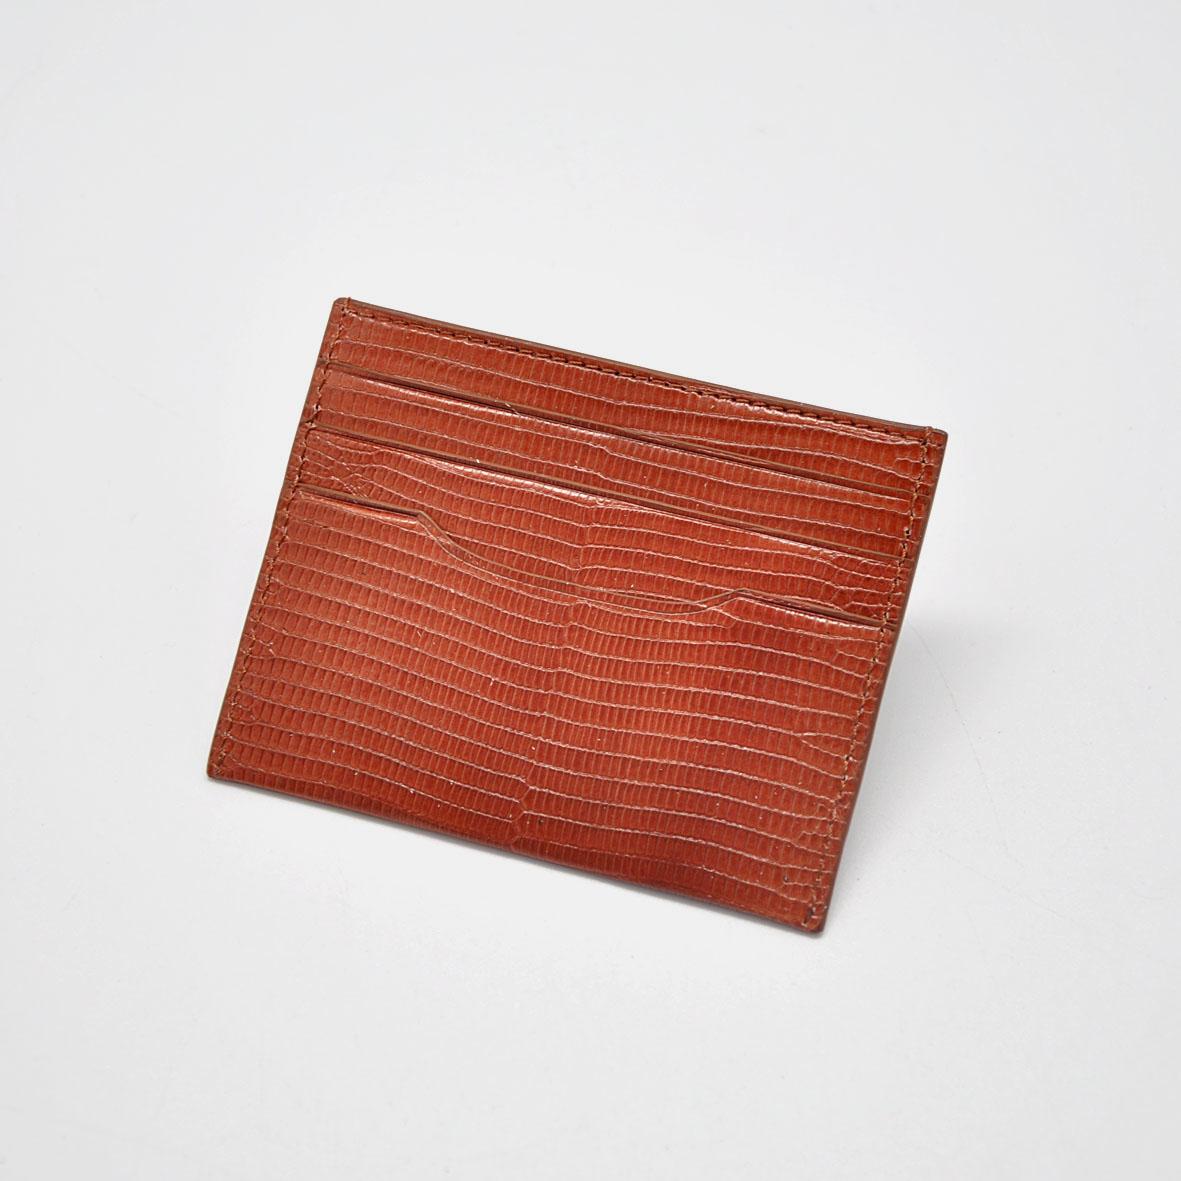 Card Case - Lizard Skin